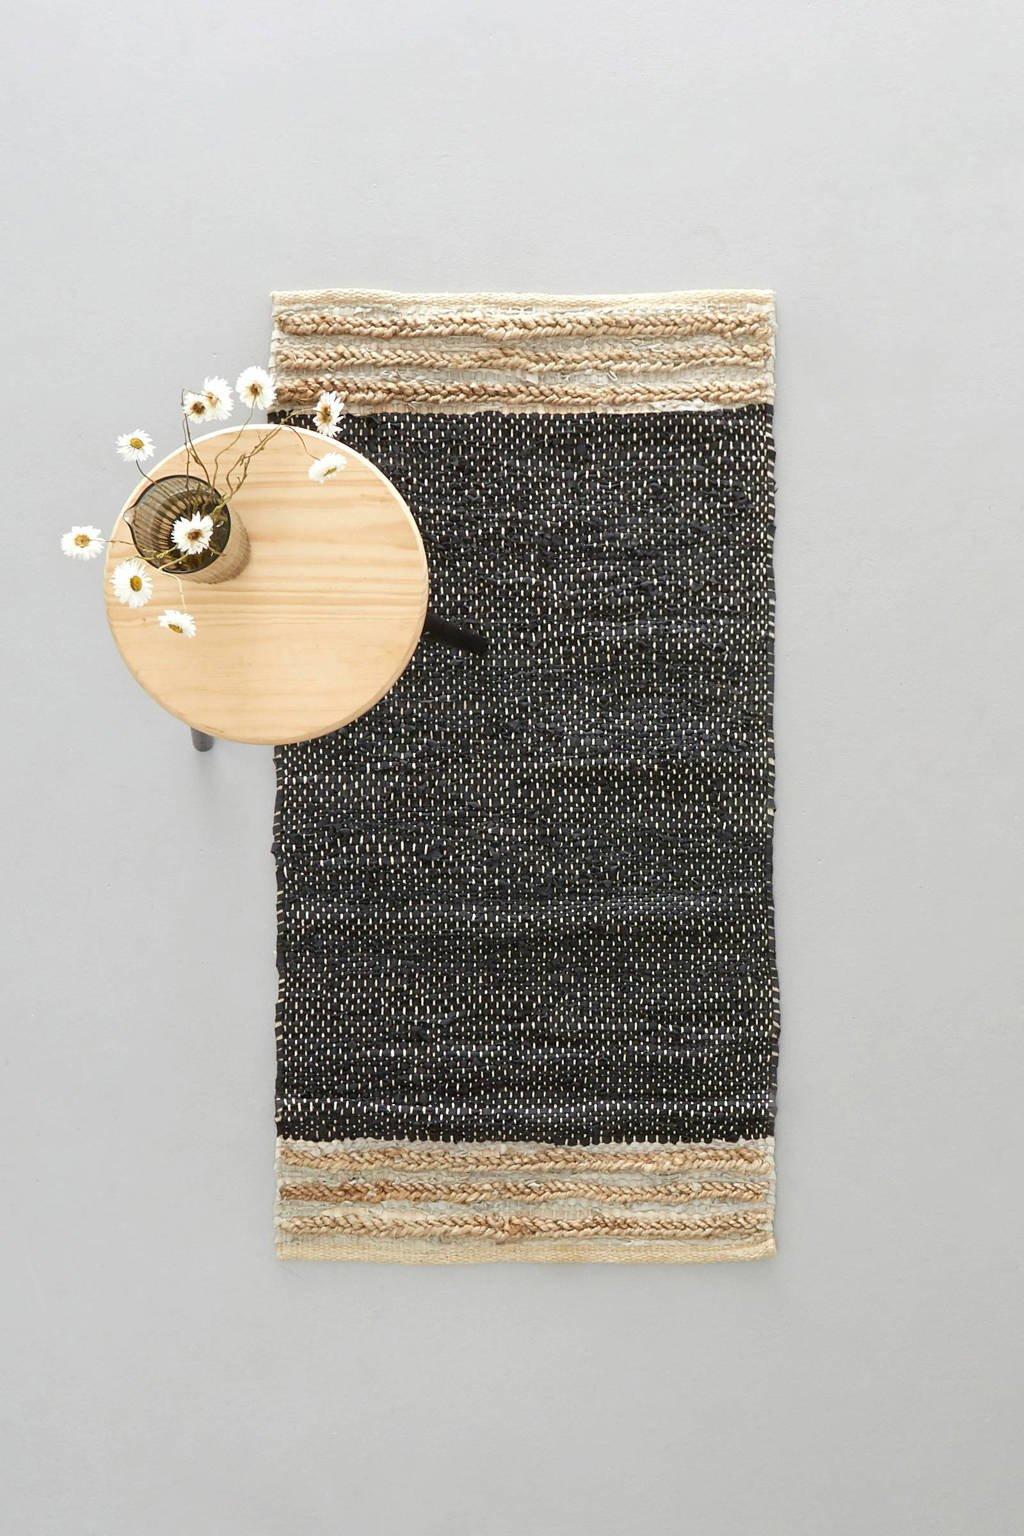 whkmp's own vloerkleed Sanne (leer)  (120x60 cm)